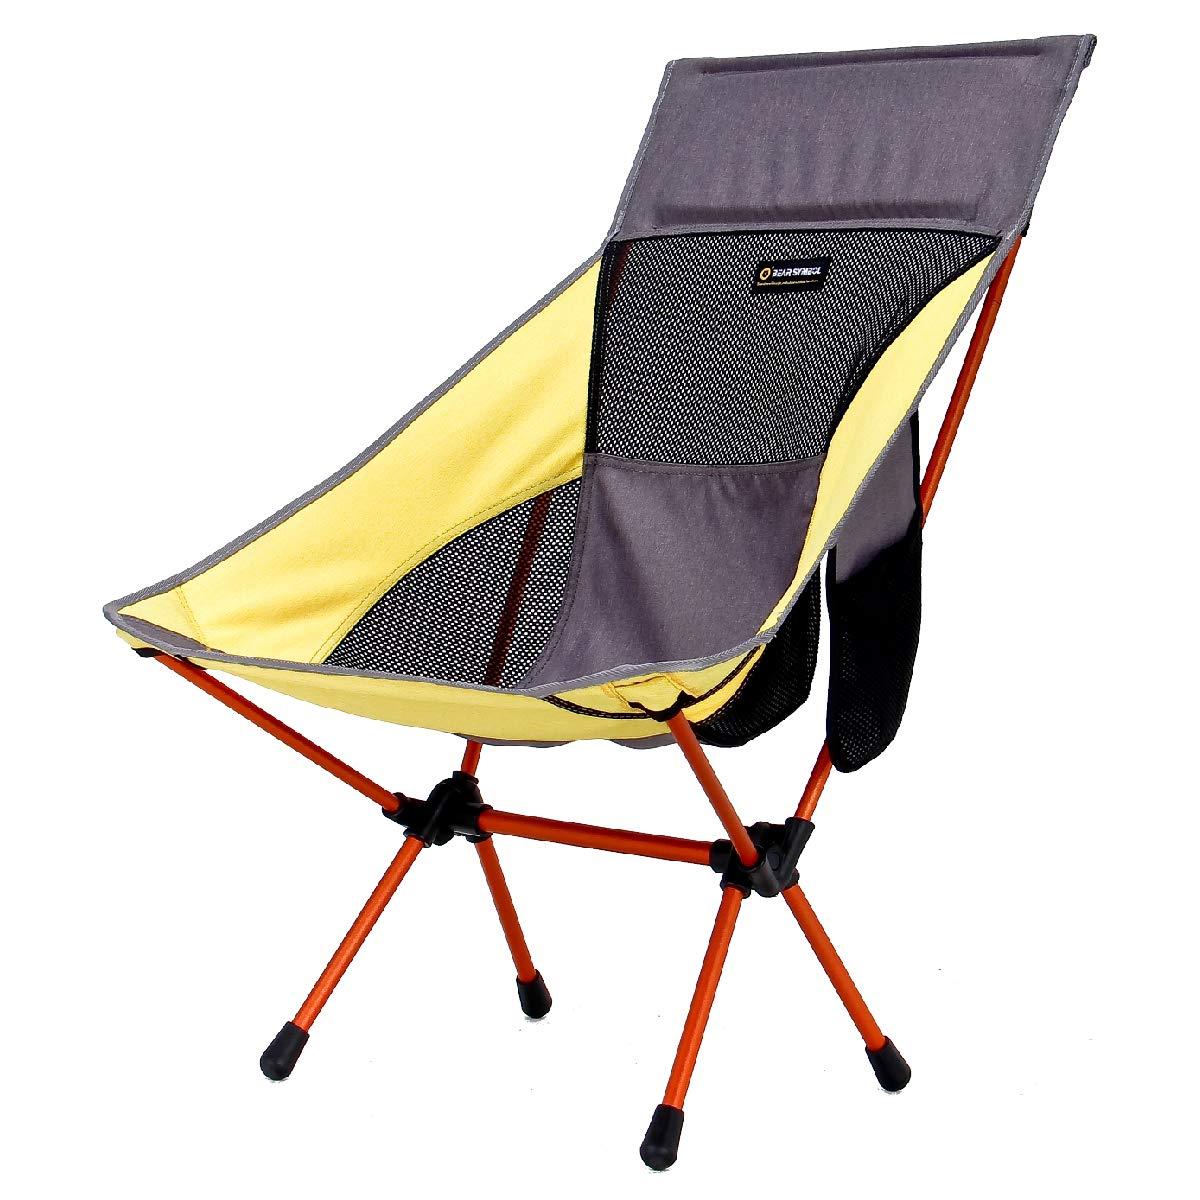 TRIWONDER Silla de Camping Plegable Ligera Port/átil Taburete Acampada para Playa Pesca al Aire Libre